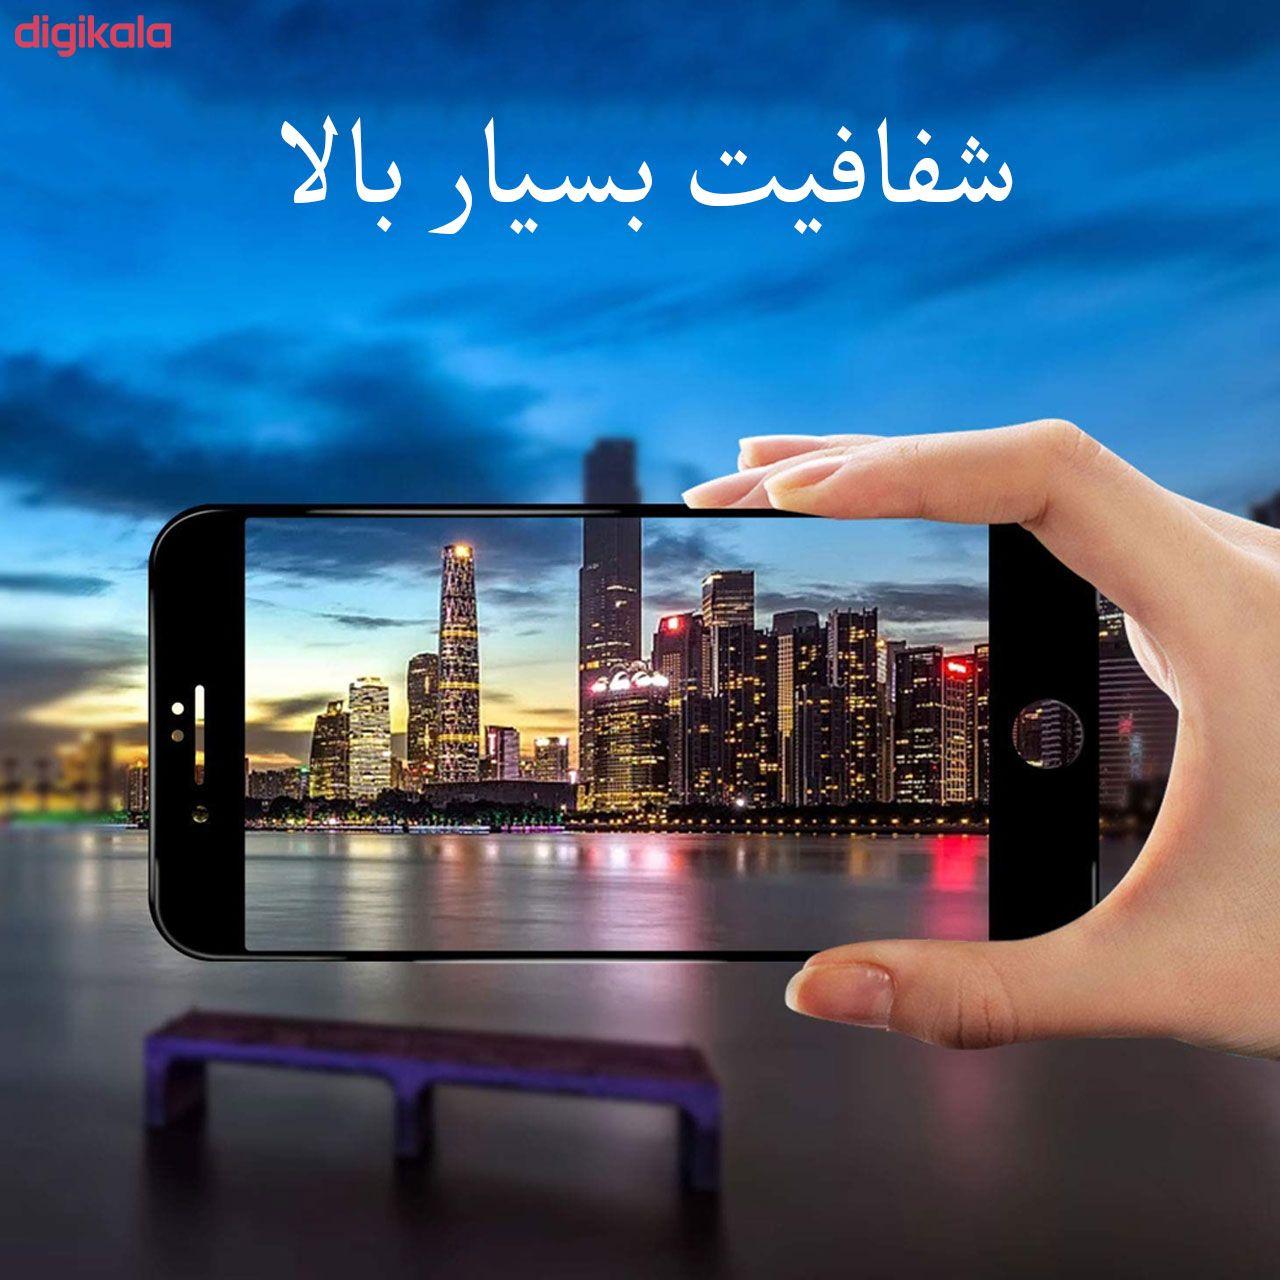 محافظ صفحه نمایش مدل FCG مناسب برای گوشی موبایل اپل iPhone 7 Plus main 1 7